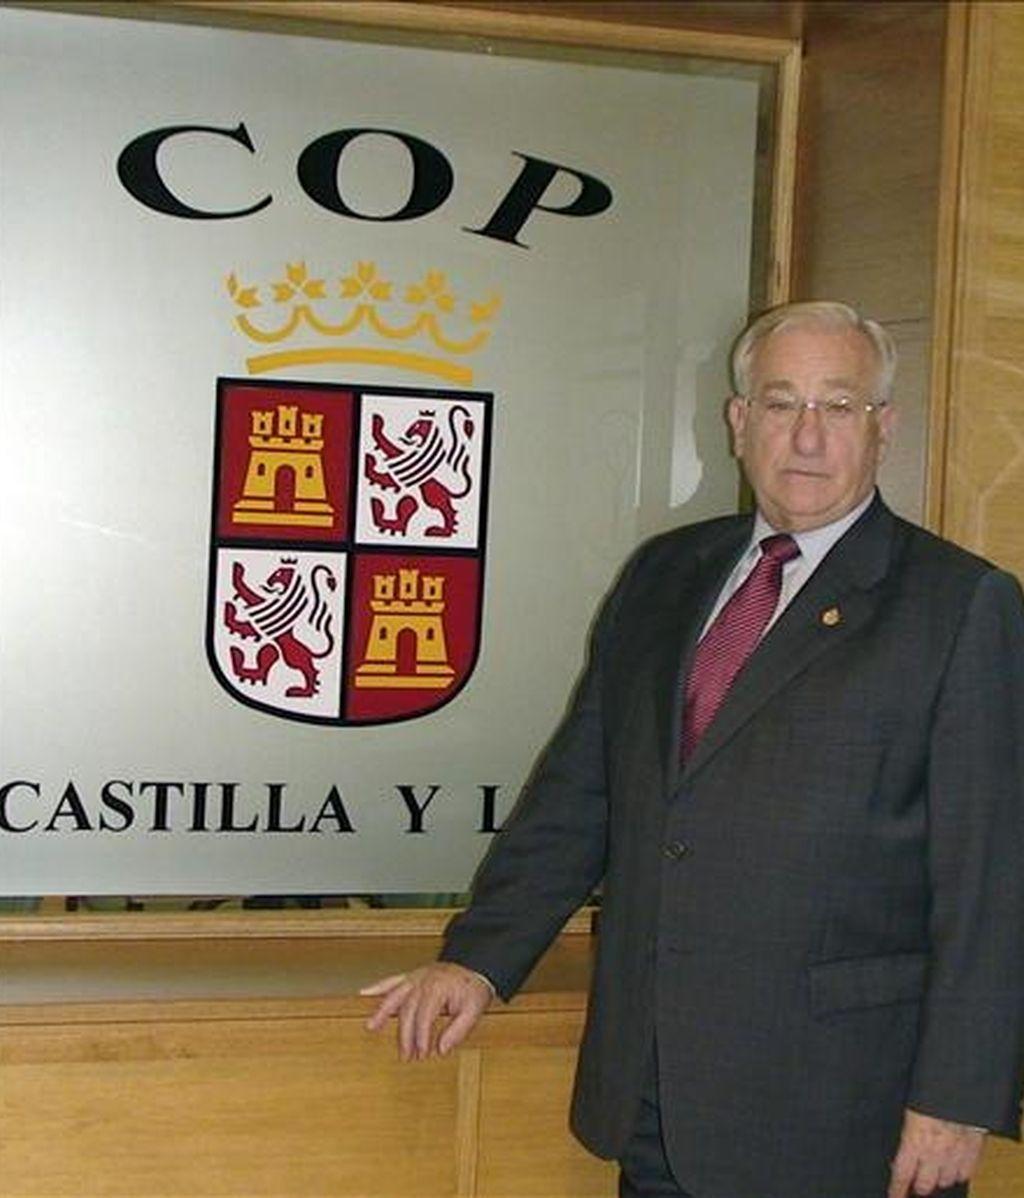 El decano del Colegio de Psicólogos de Castilla y León y vicepresidente del Consejo General de Colegios de Psicólogos de España, Eduardo Montes, durante la entrevista que concedió a Efe. EFE